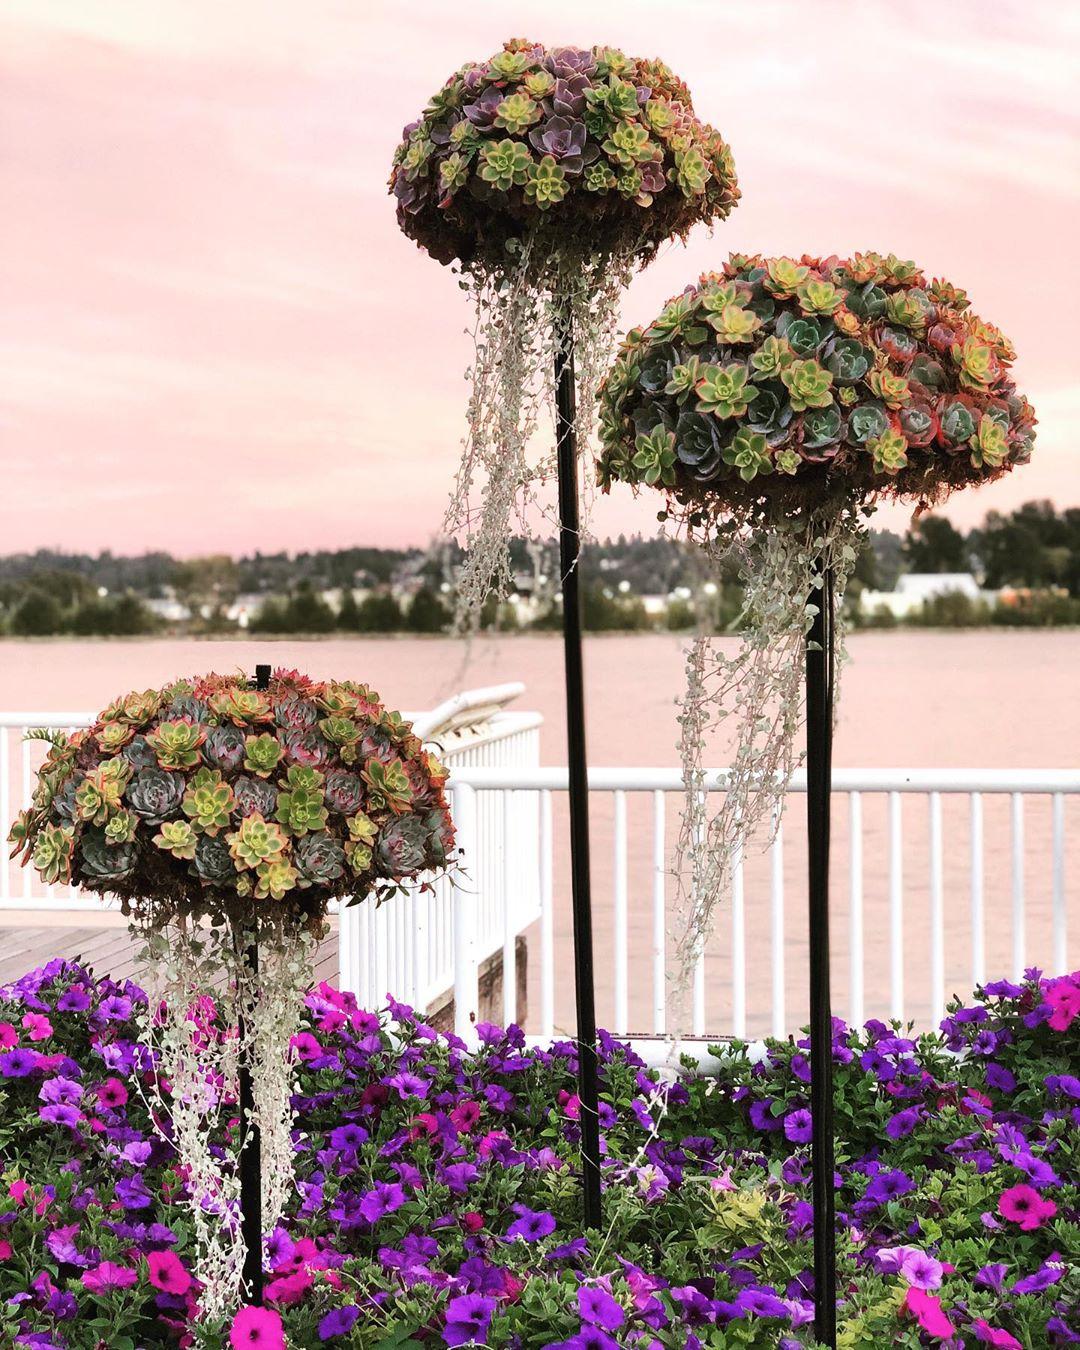 Khám phá xu hướng trồng cây mọng nước hình con sứa khiến cộng đồng mạng điên đảo - Ảnh 10.